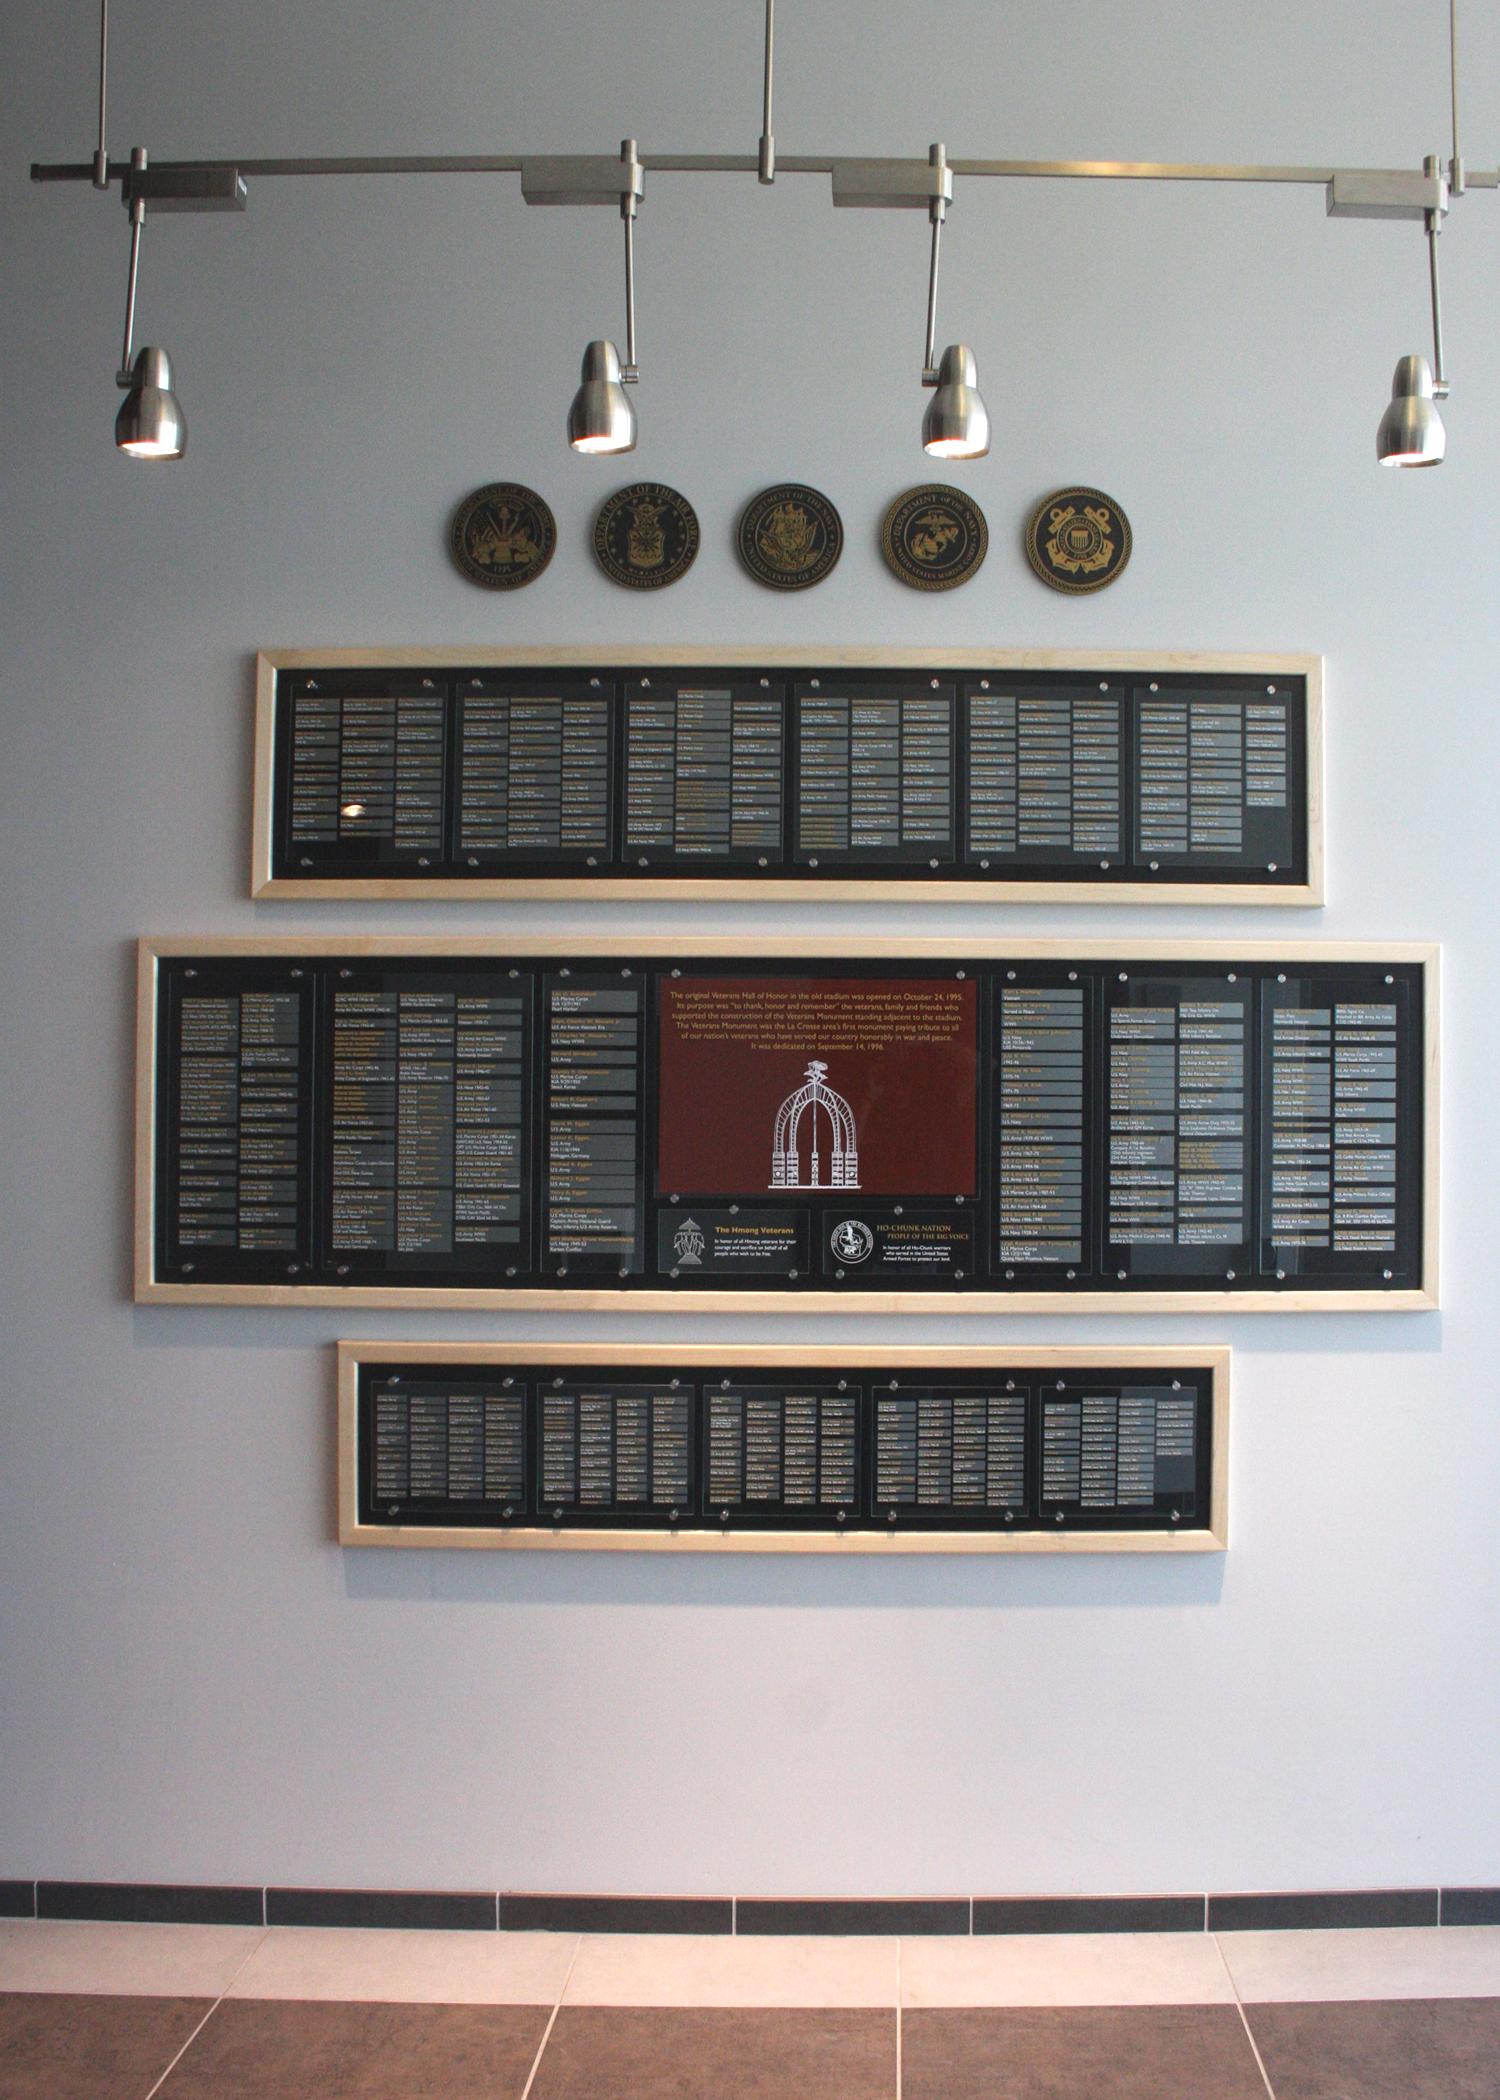 UWL Veterans interior 2edit.jpg